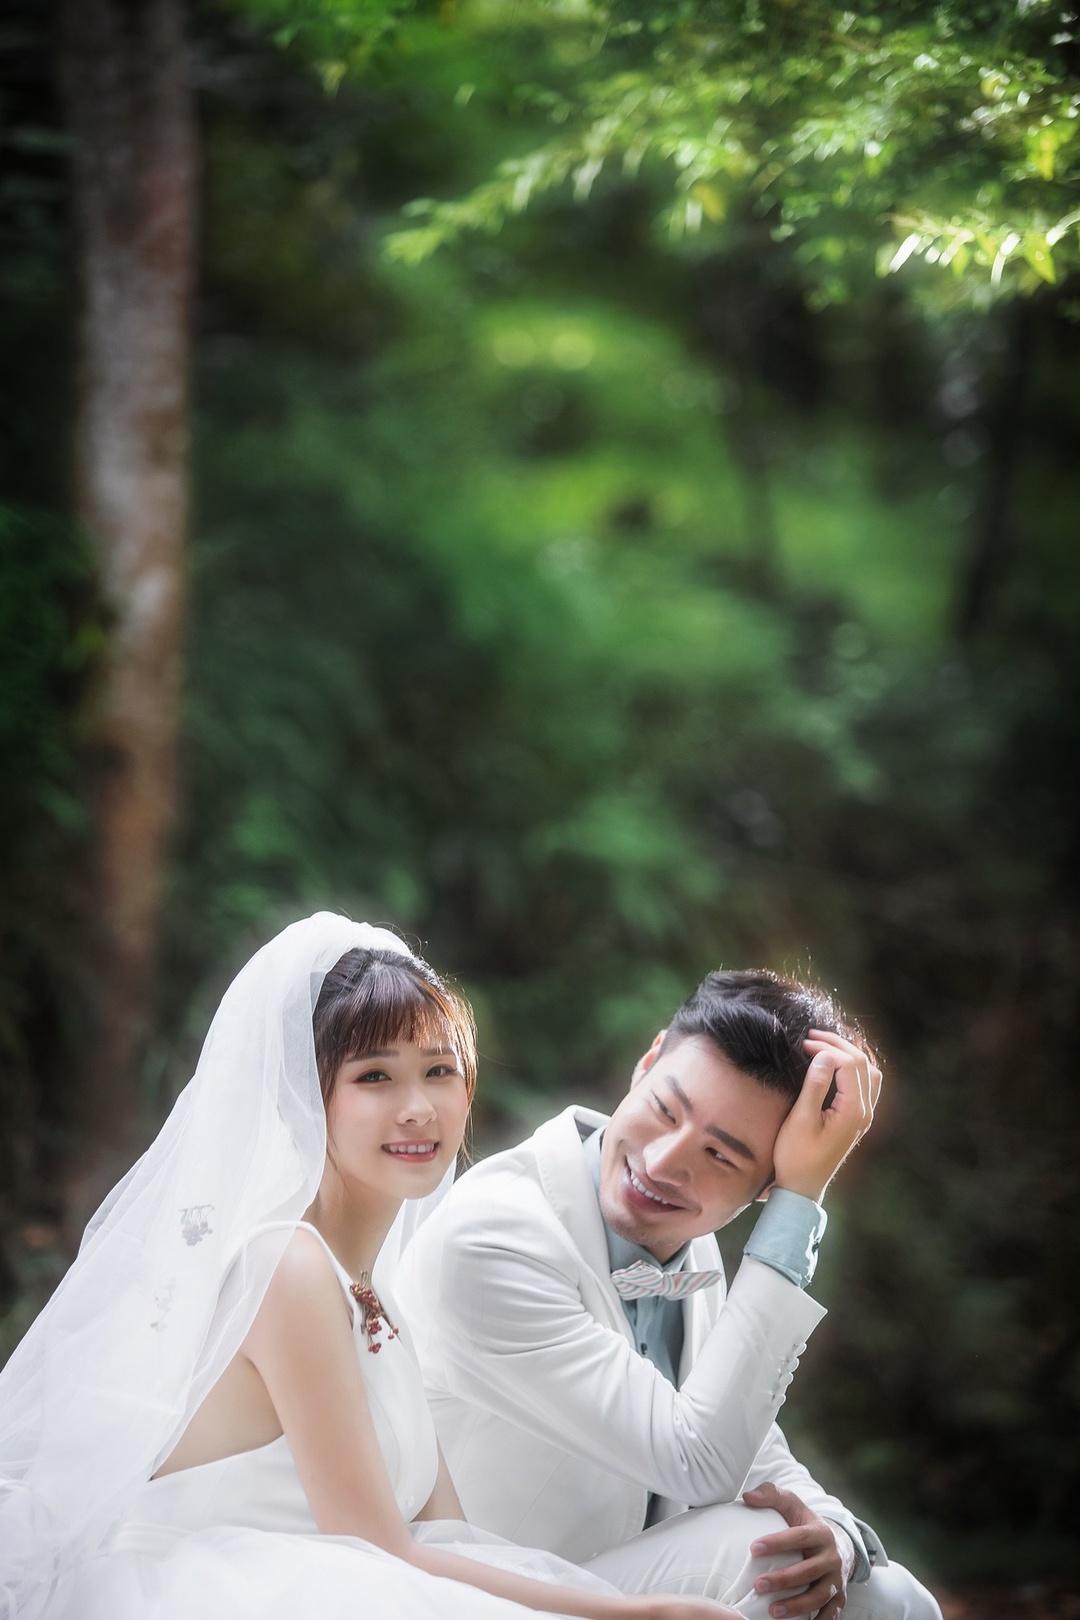 茶山婚纱照哪家拍的好,找茶山婚纱摄影,来好莱坞婚纱摄影工作室